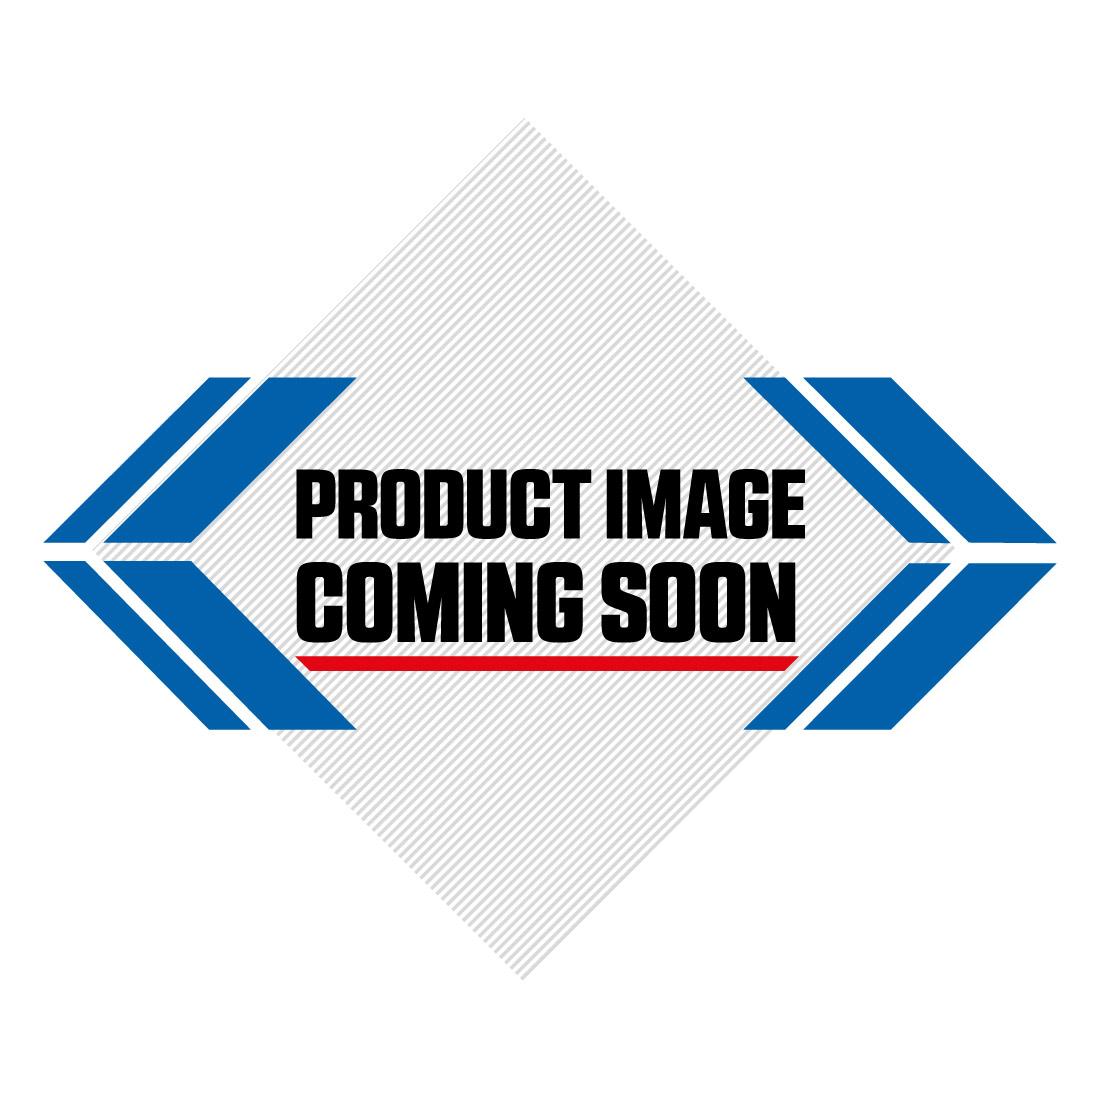 Husqvarna Plastic Kit OEM Factory (09-10) Image-4>